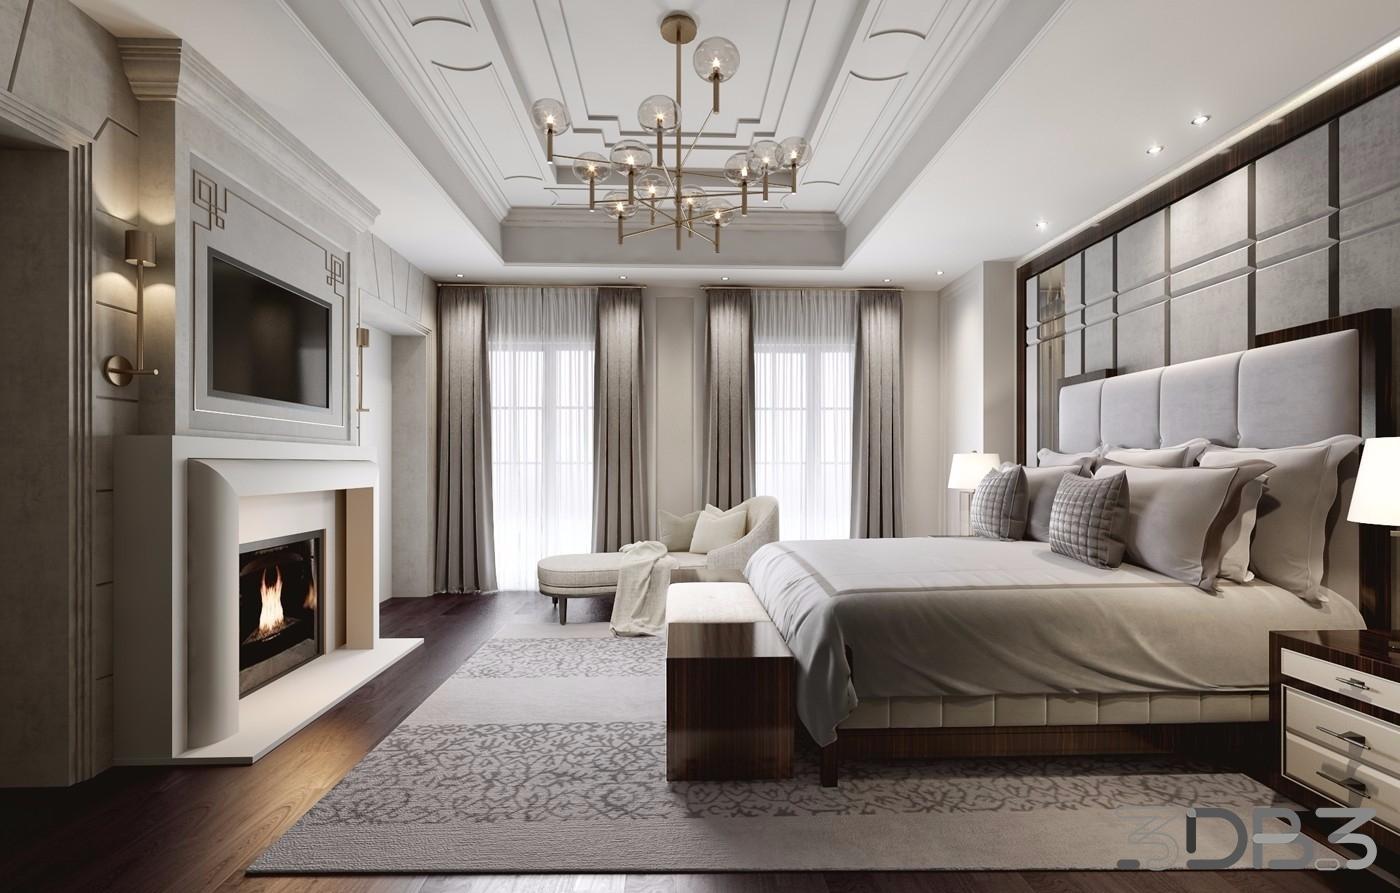 Contemporary Bedroom 3D Interior